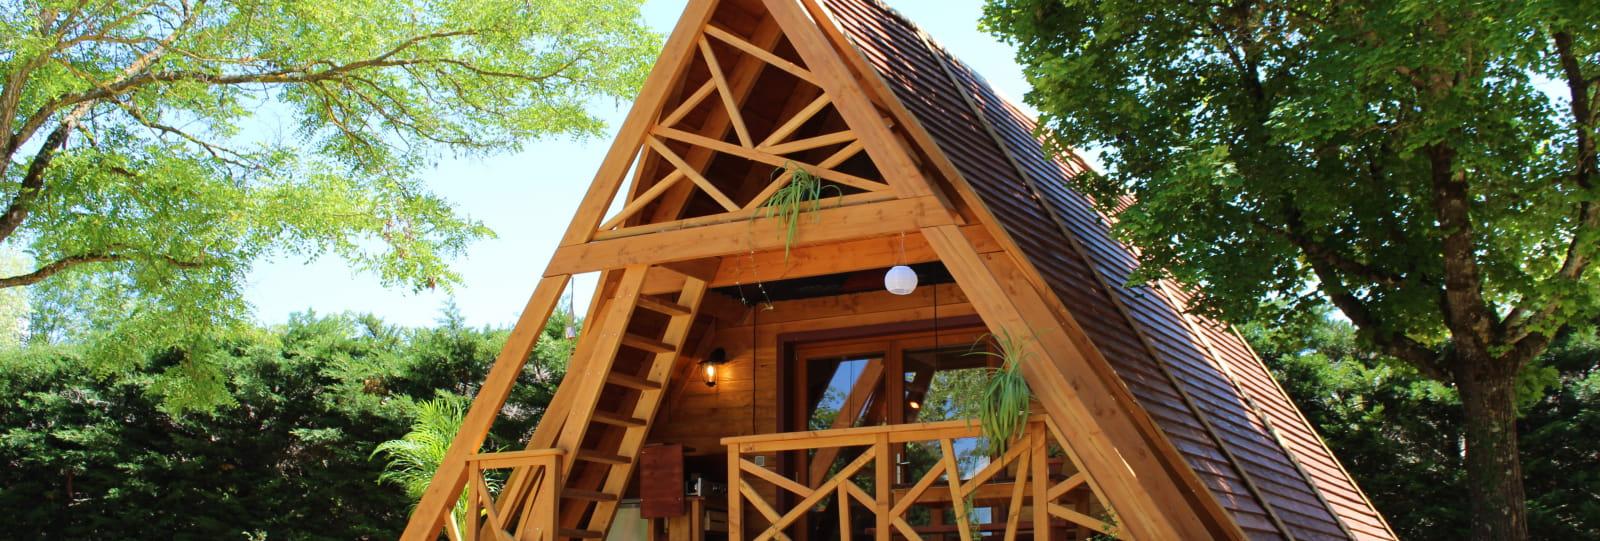 Façade-la cabane en A-camping les Ecureuil-Recoubeau Jansac